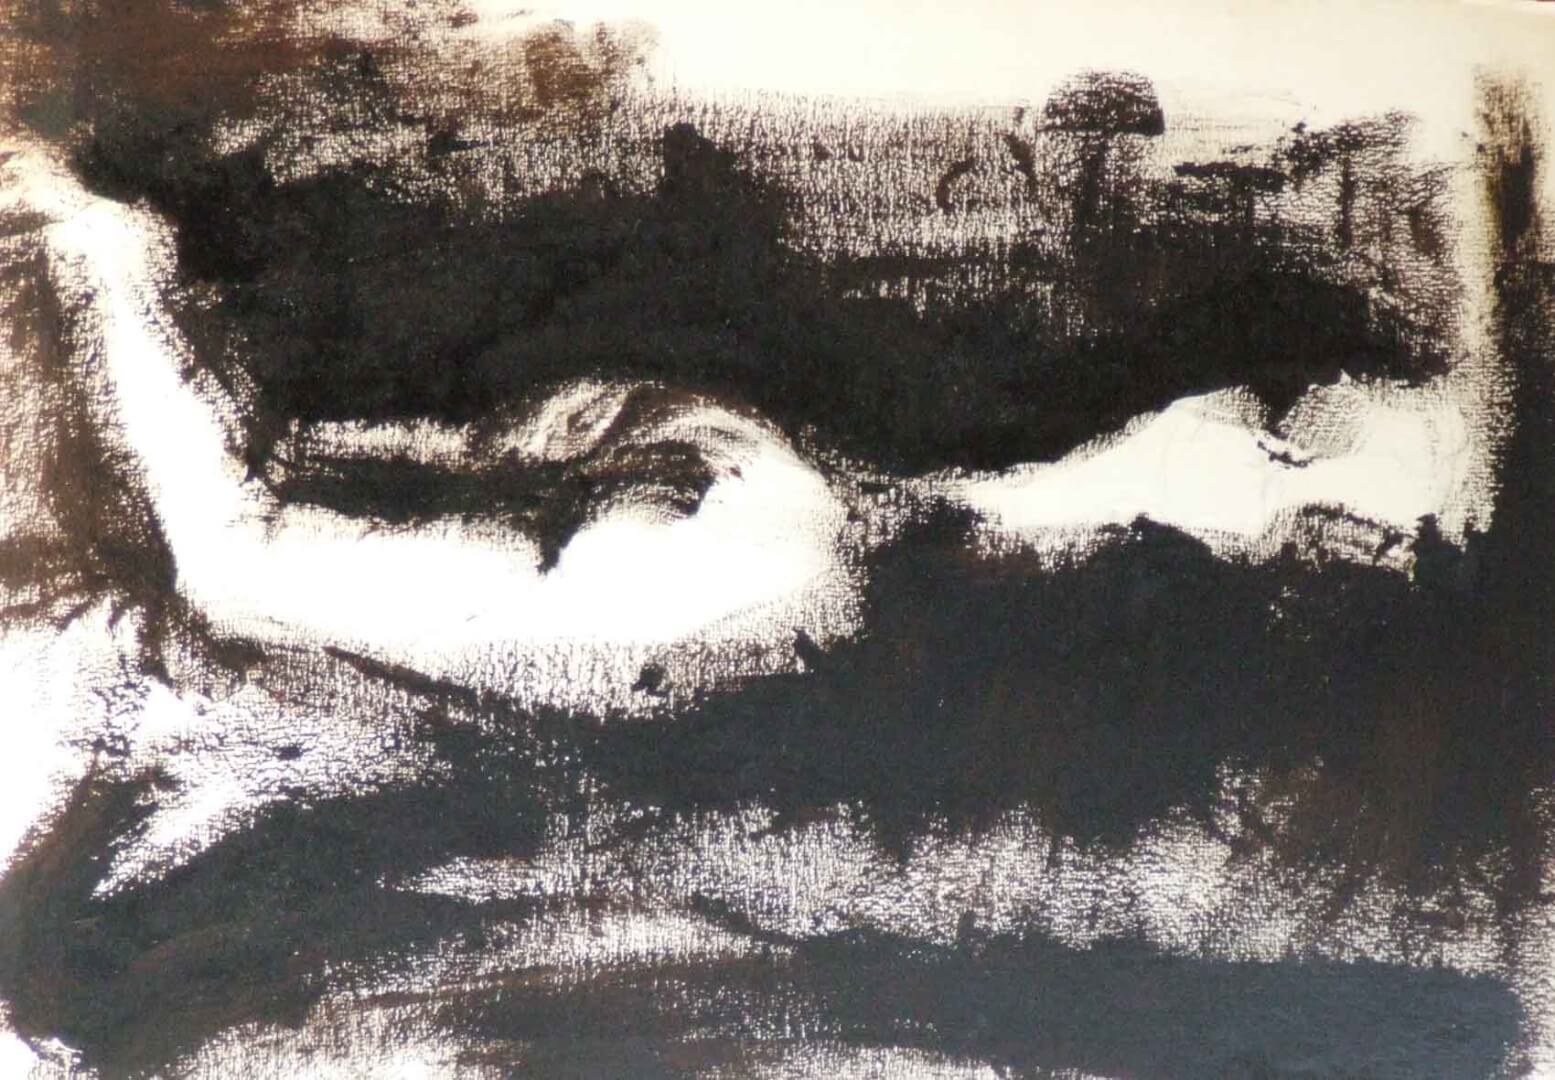 Nu allongé © David Noir | Dessins, peintures, collages